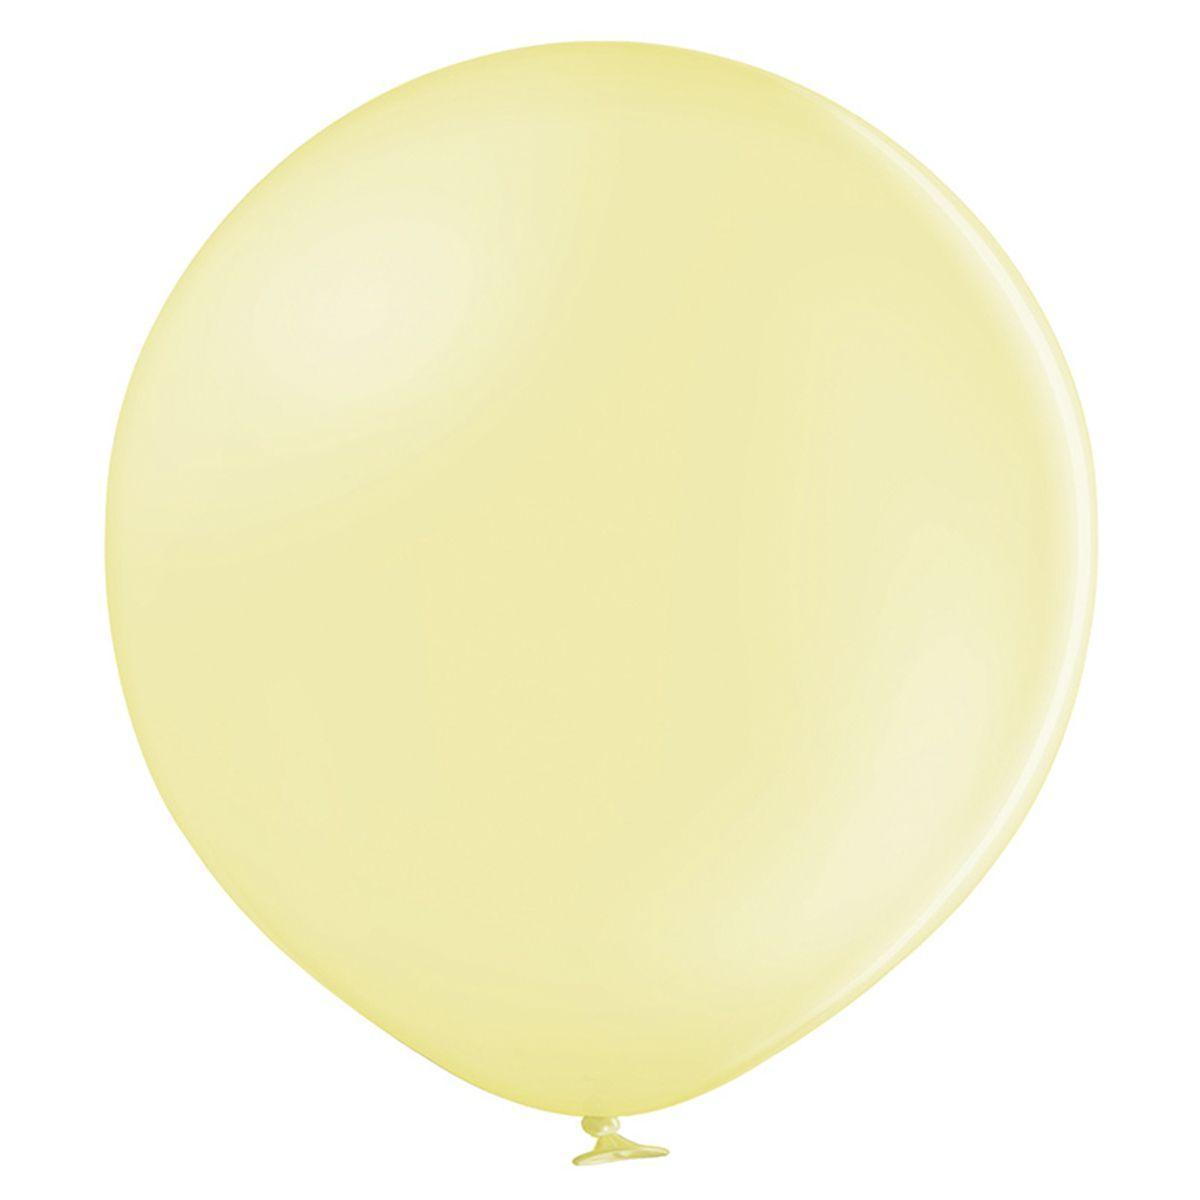 Belbal В105/450 Пастель лимонный желтый Макарун (50 шт)